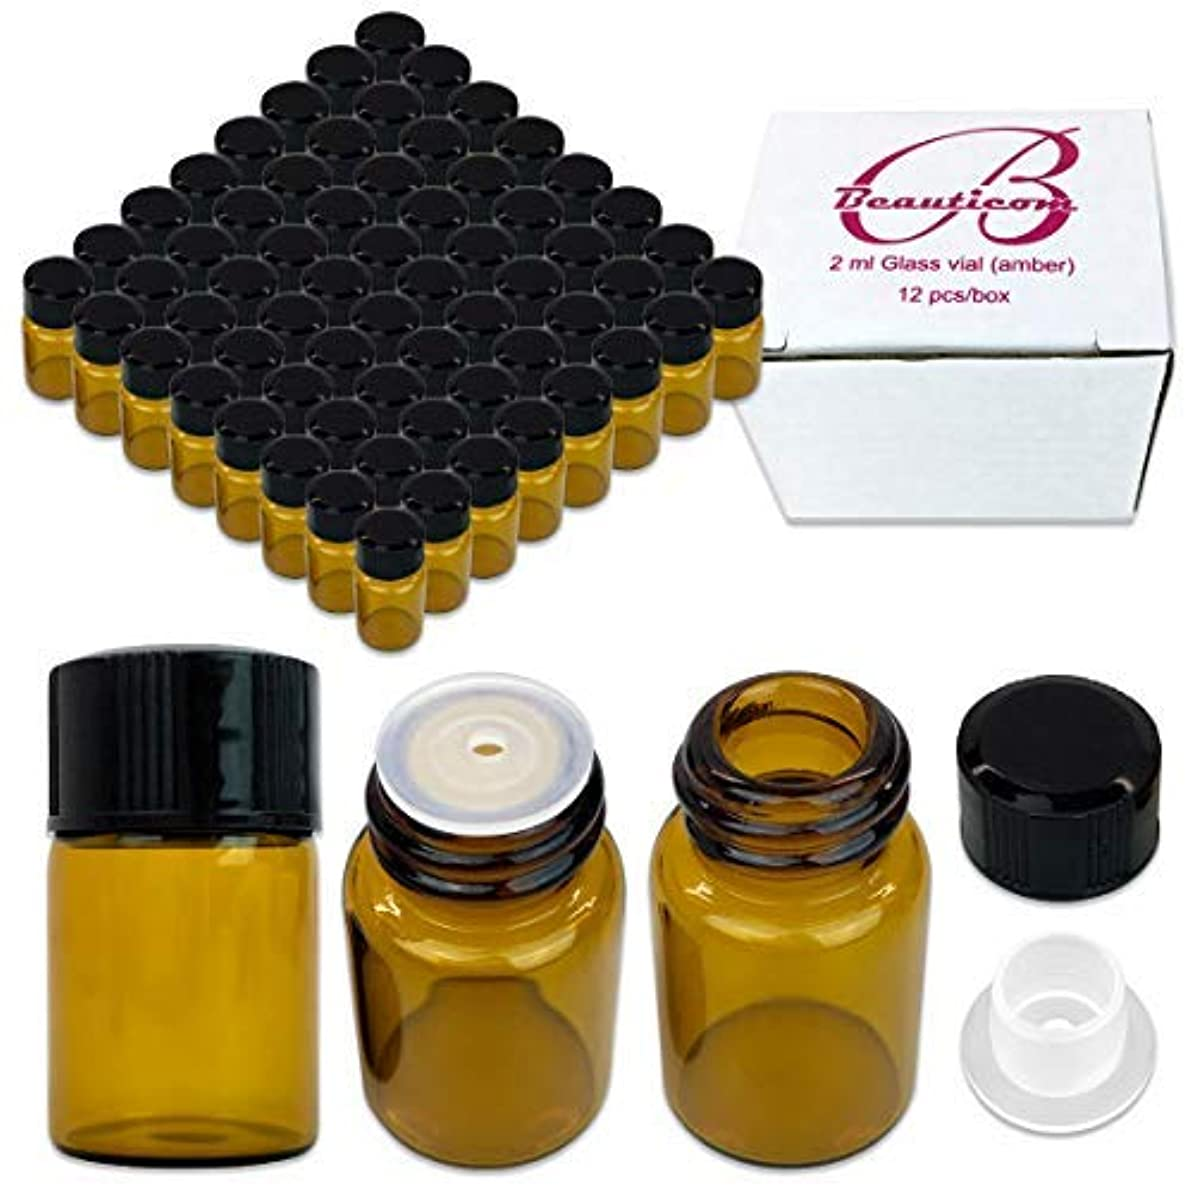 適度な主にわかる84 Packs Beauticom 2ML Amber Glass Vial for Essential Oils, Aromatherapy, Fragrance, Serums, Spritzes, with Orifice...